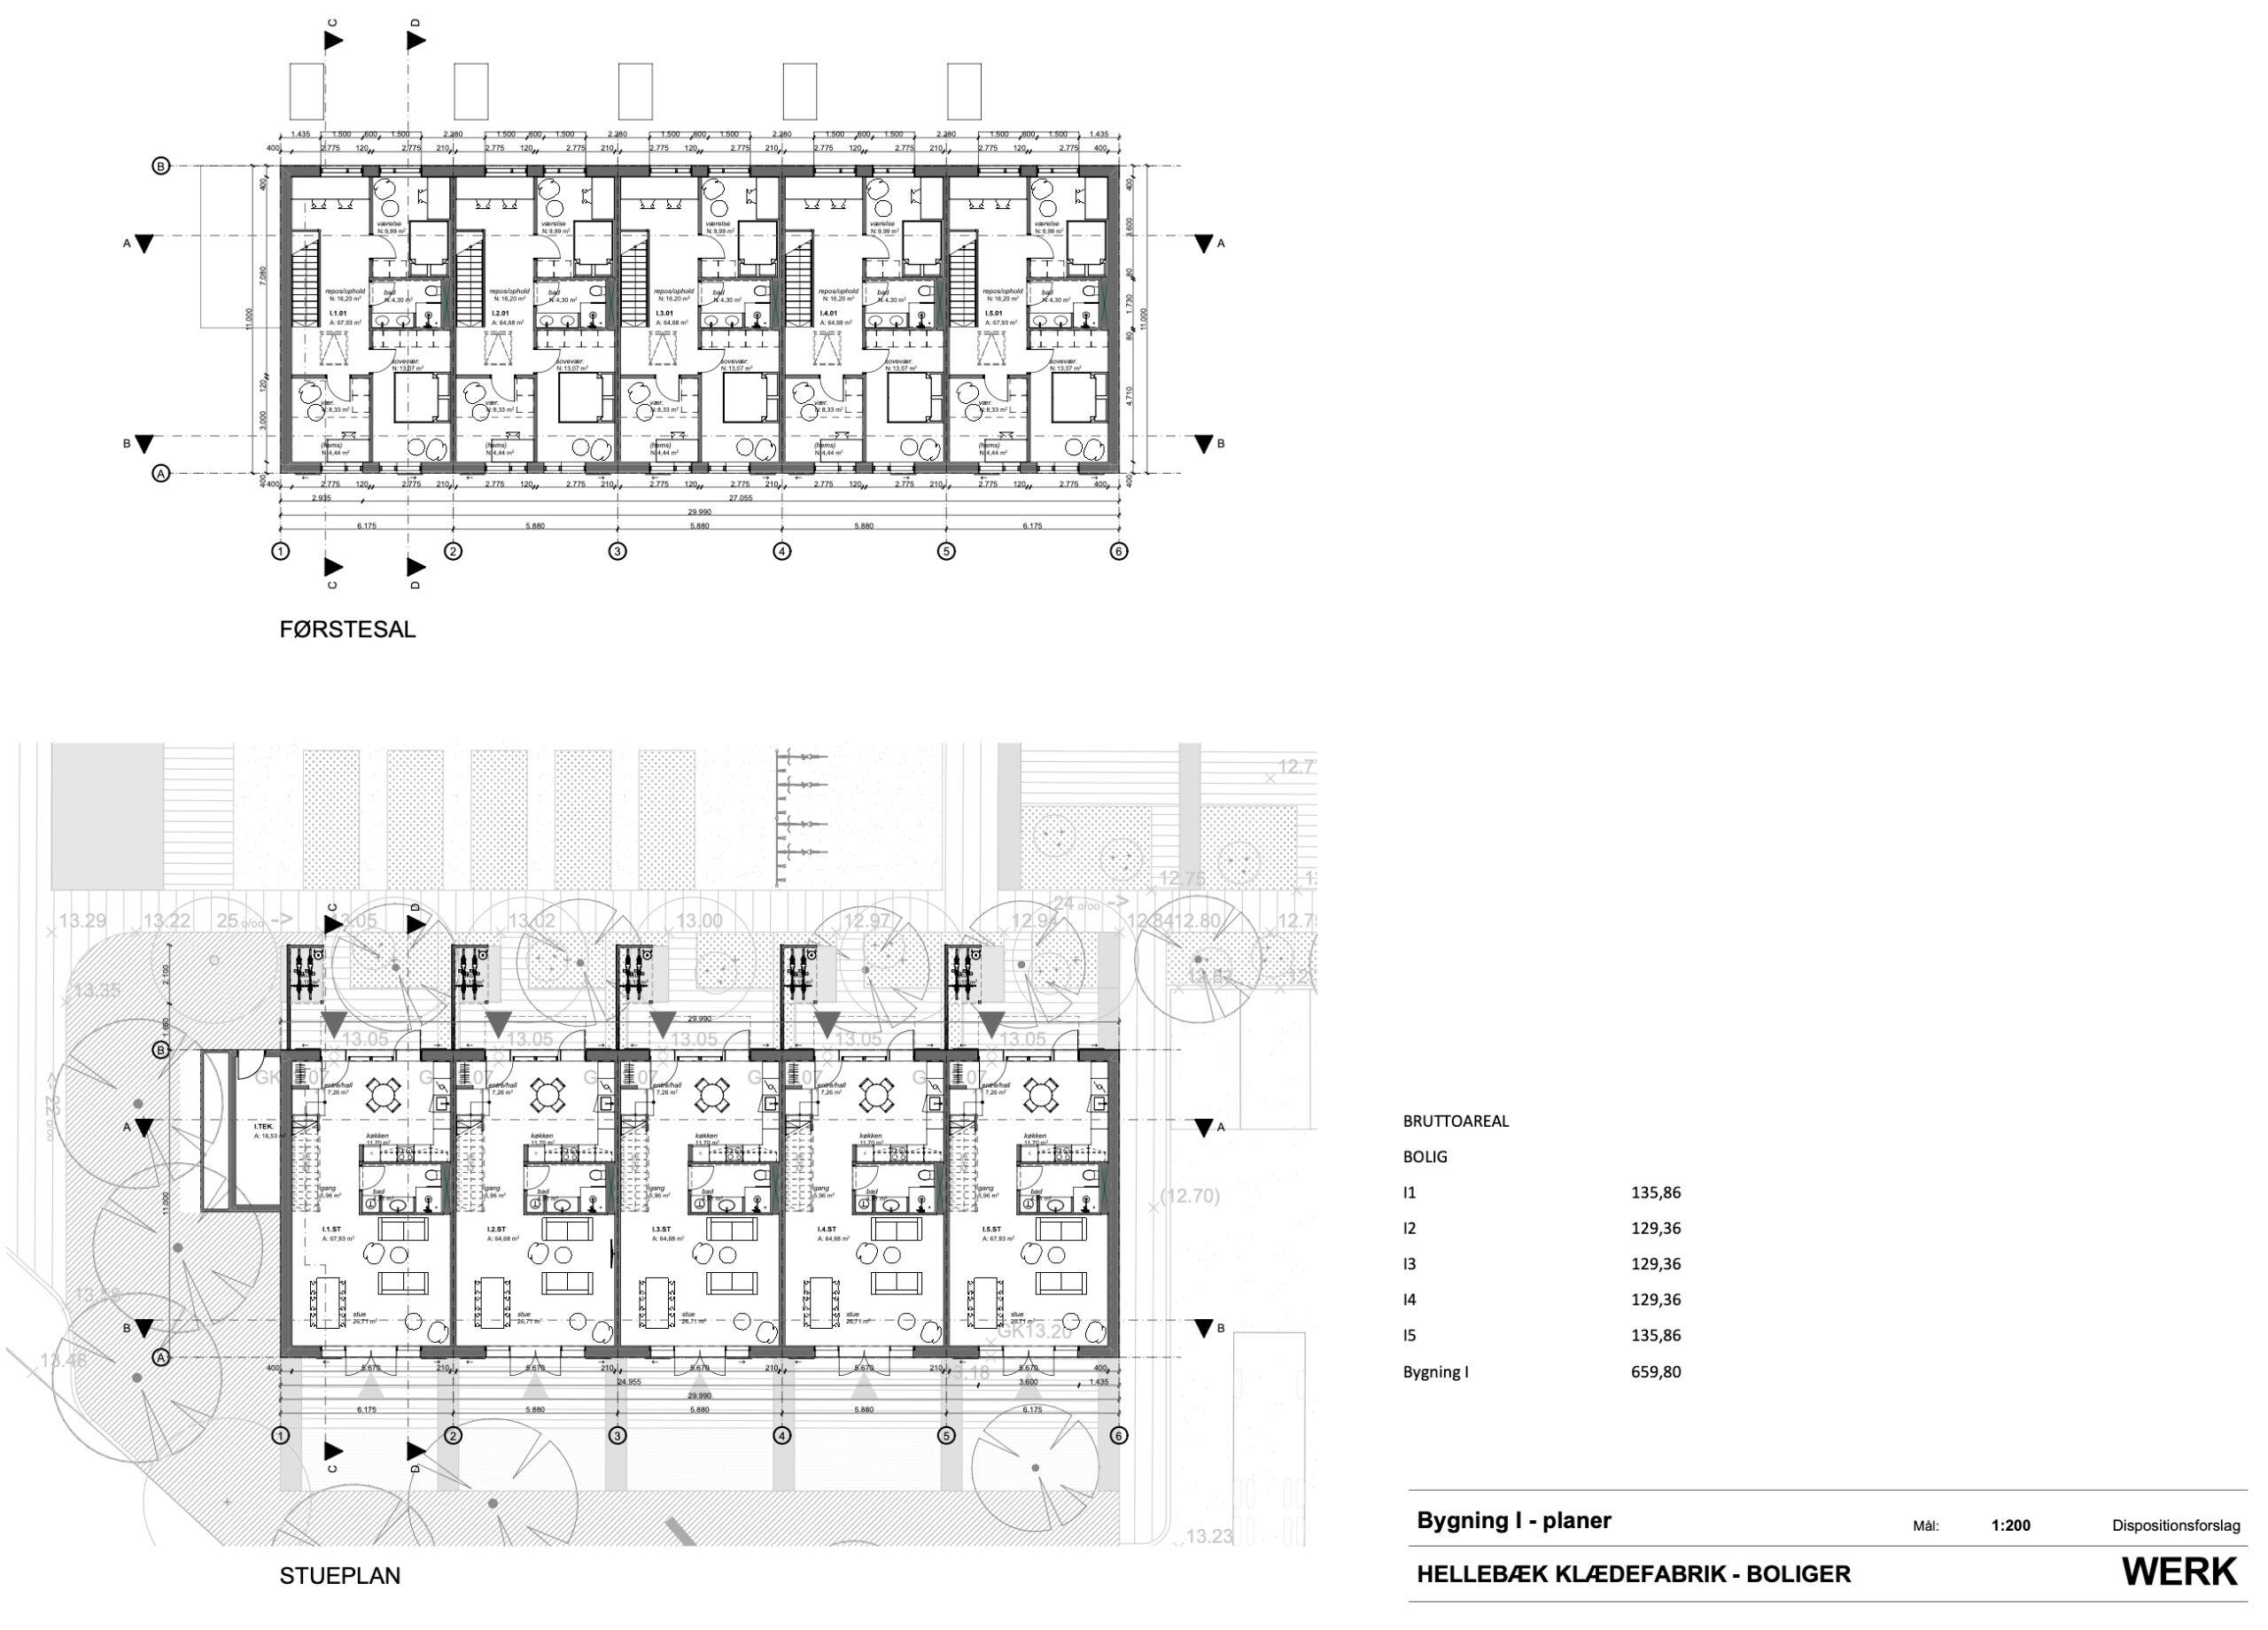 bygning-i-1